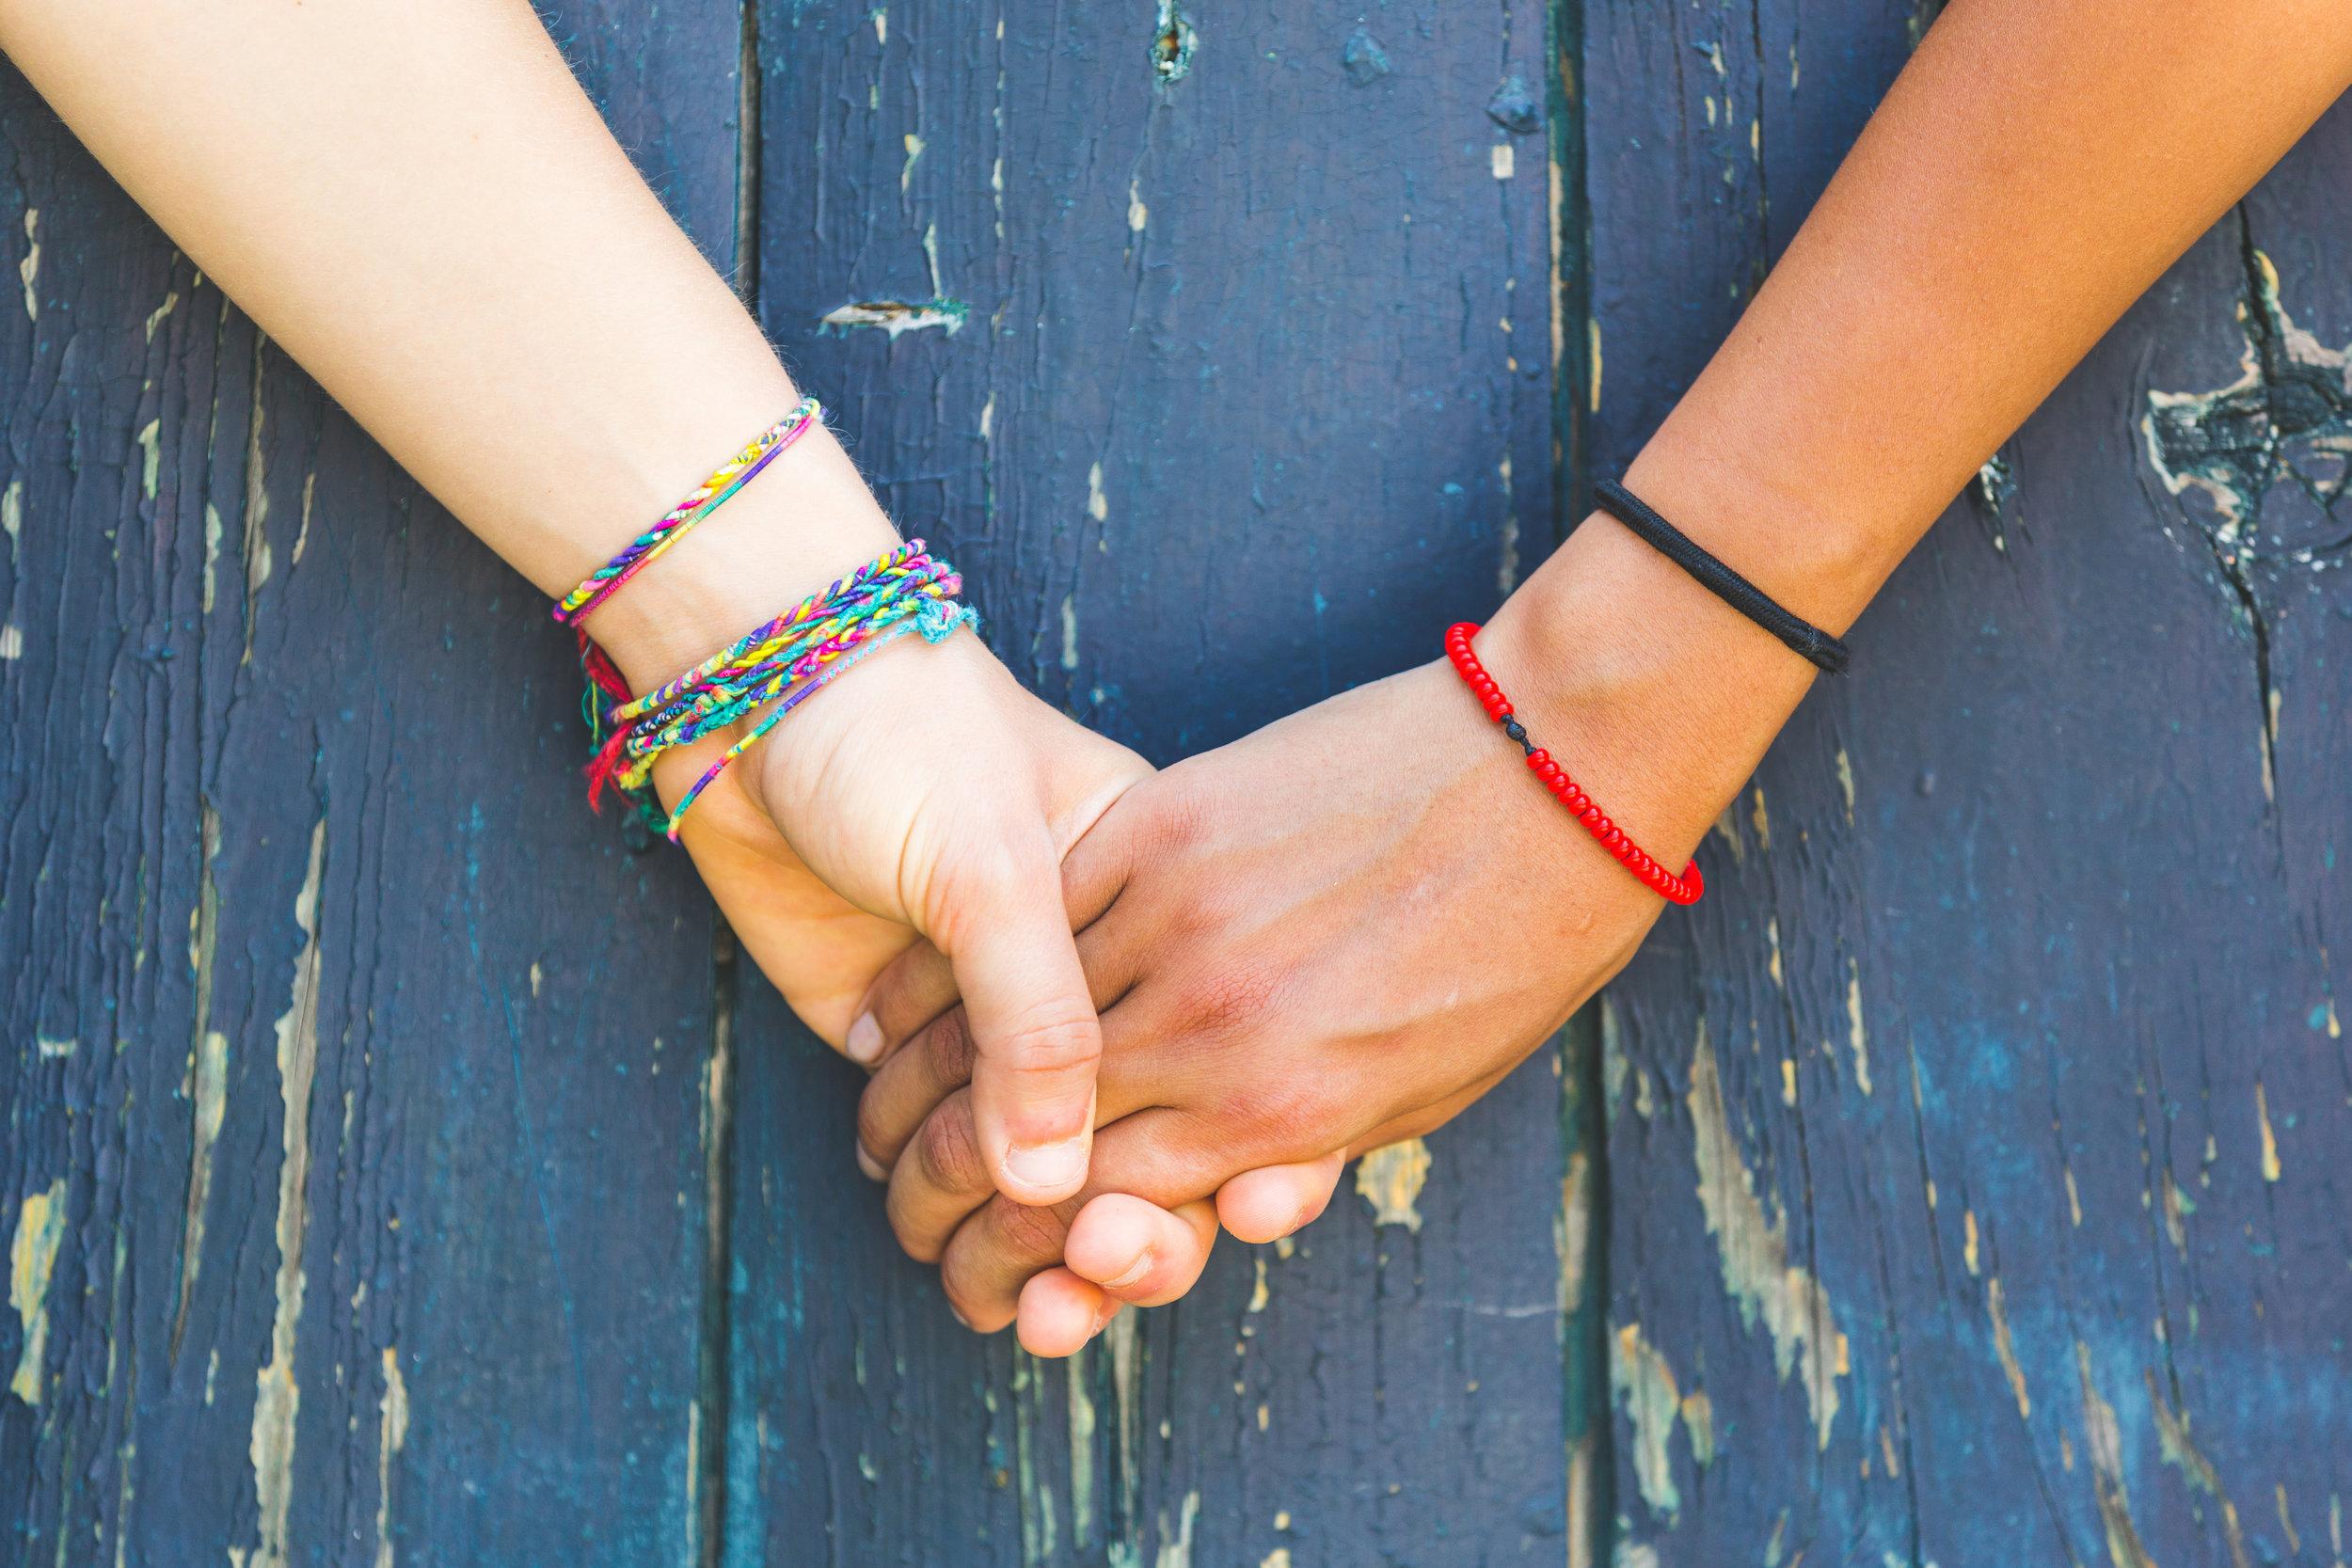 holding hands blue background.jpg